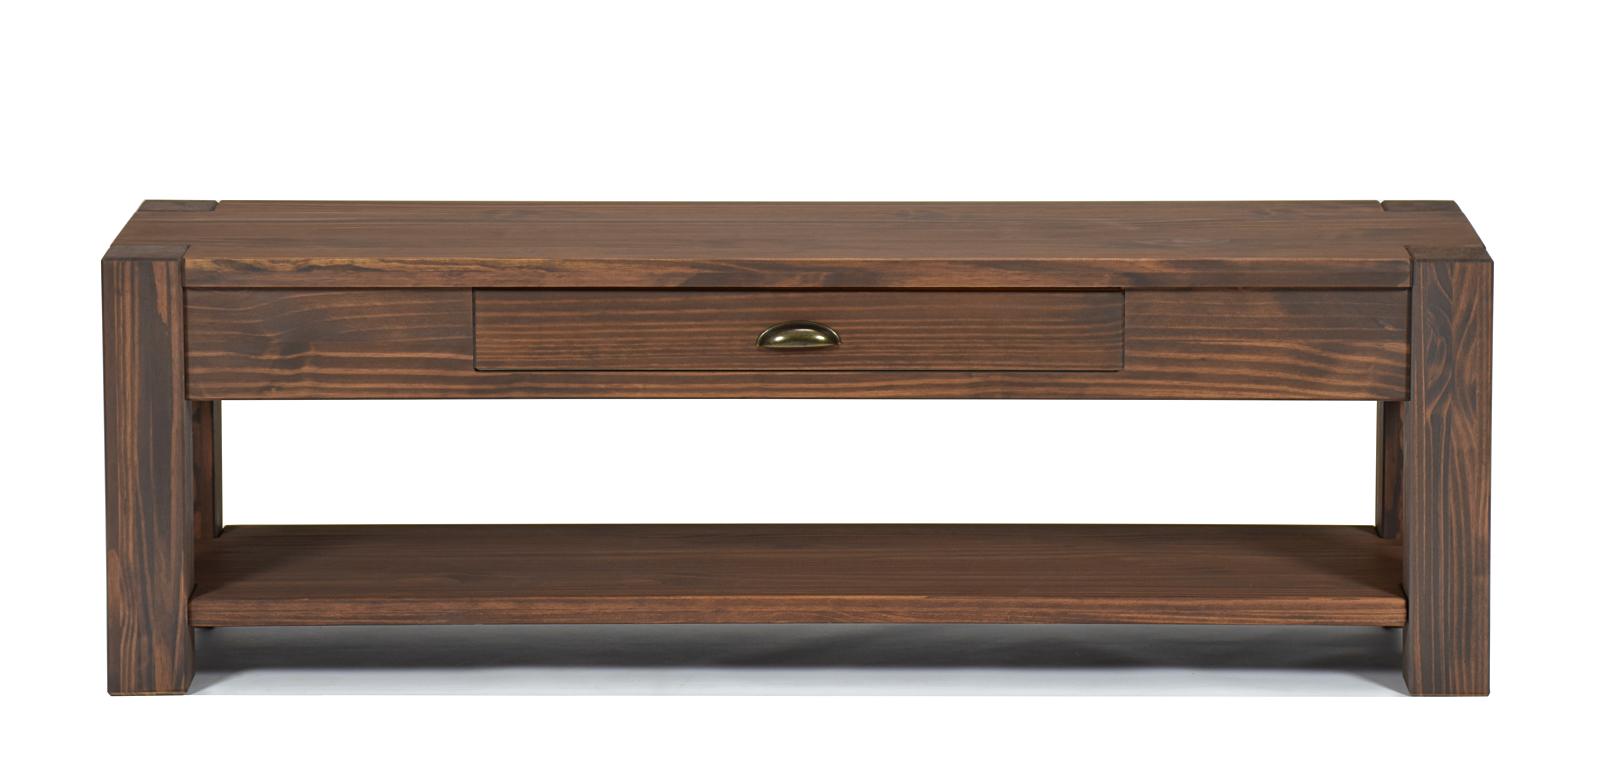 Lowboard mit Ablageboden Konsole Anrichte Wandtisch Pinie Cognac braun